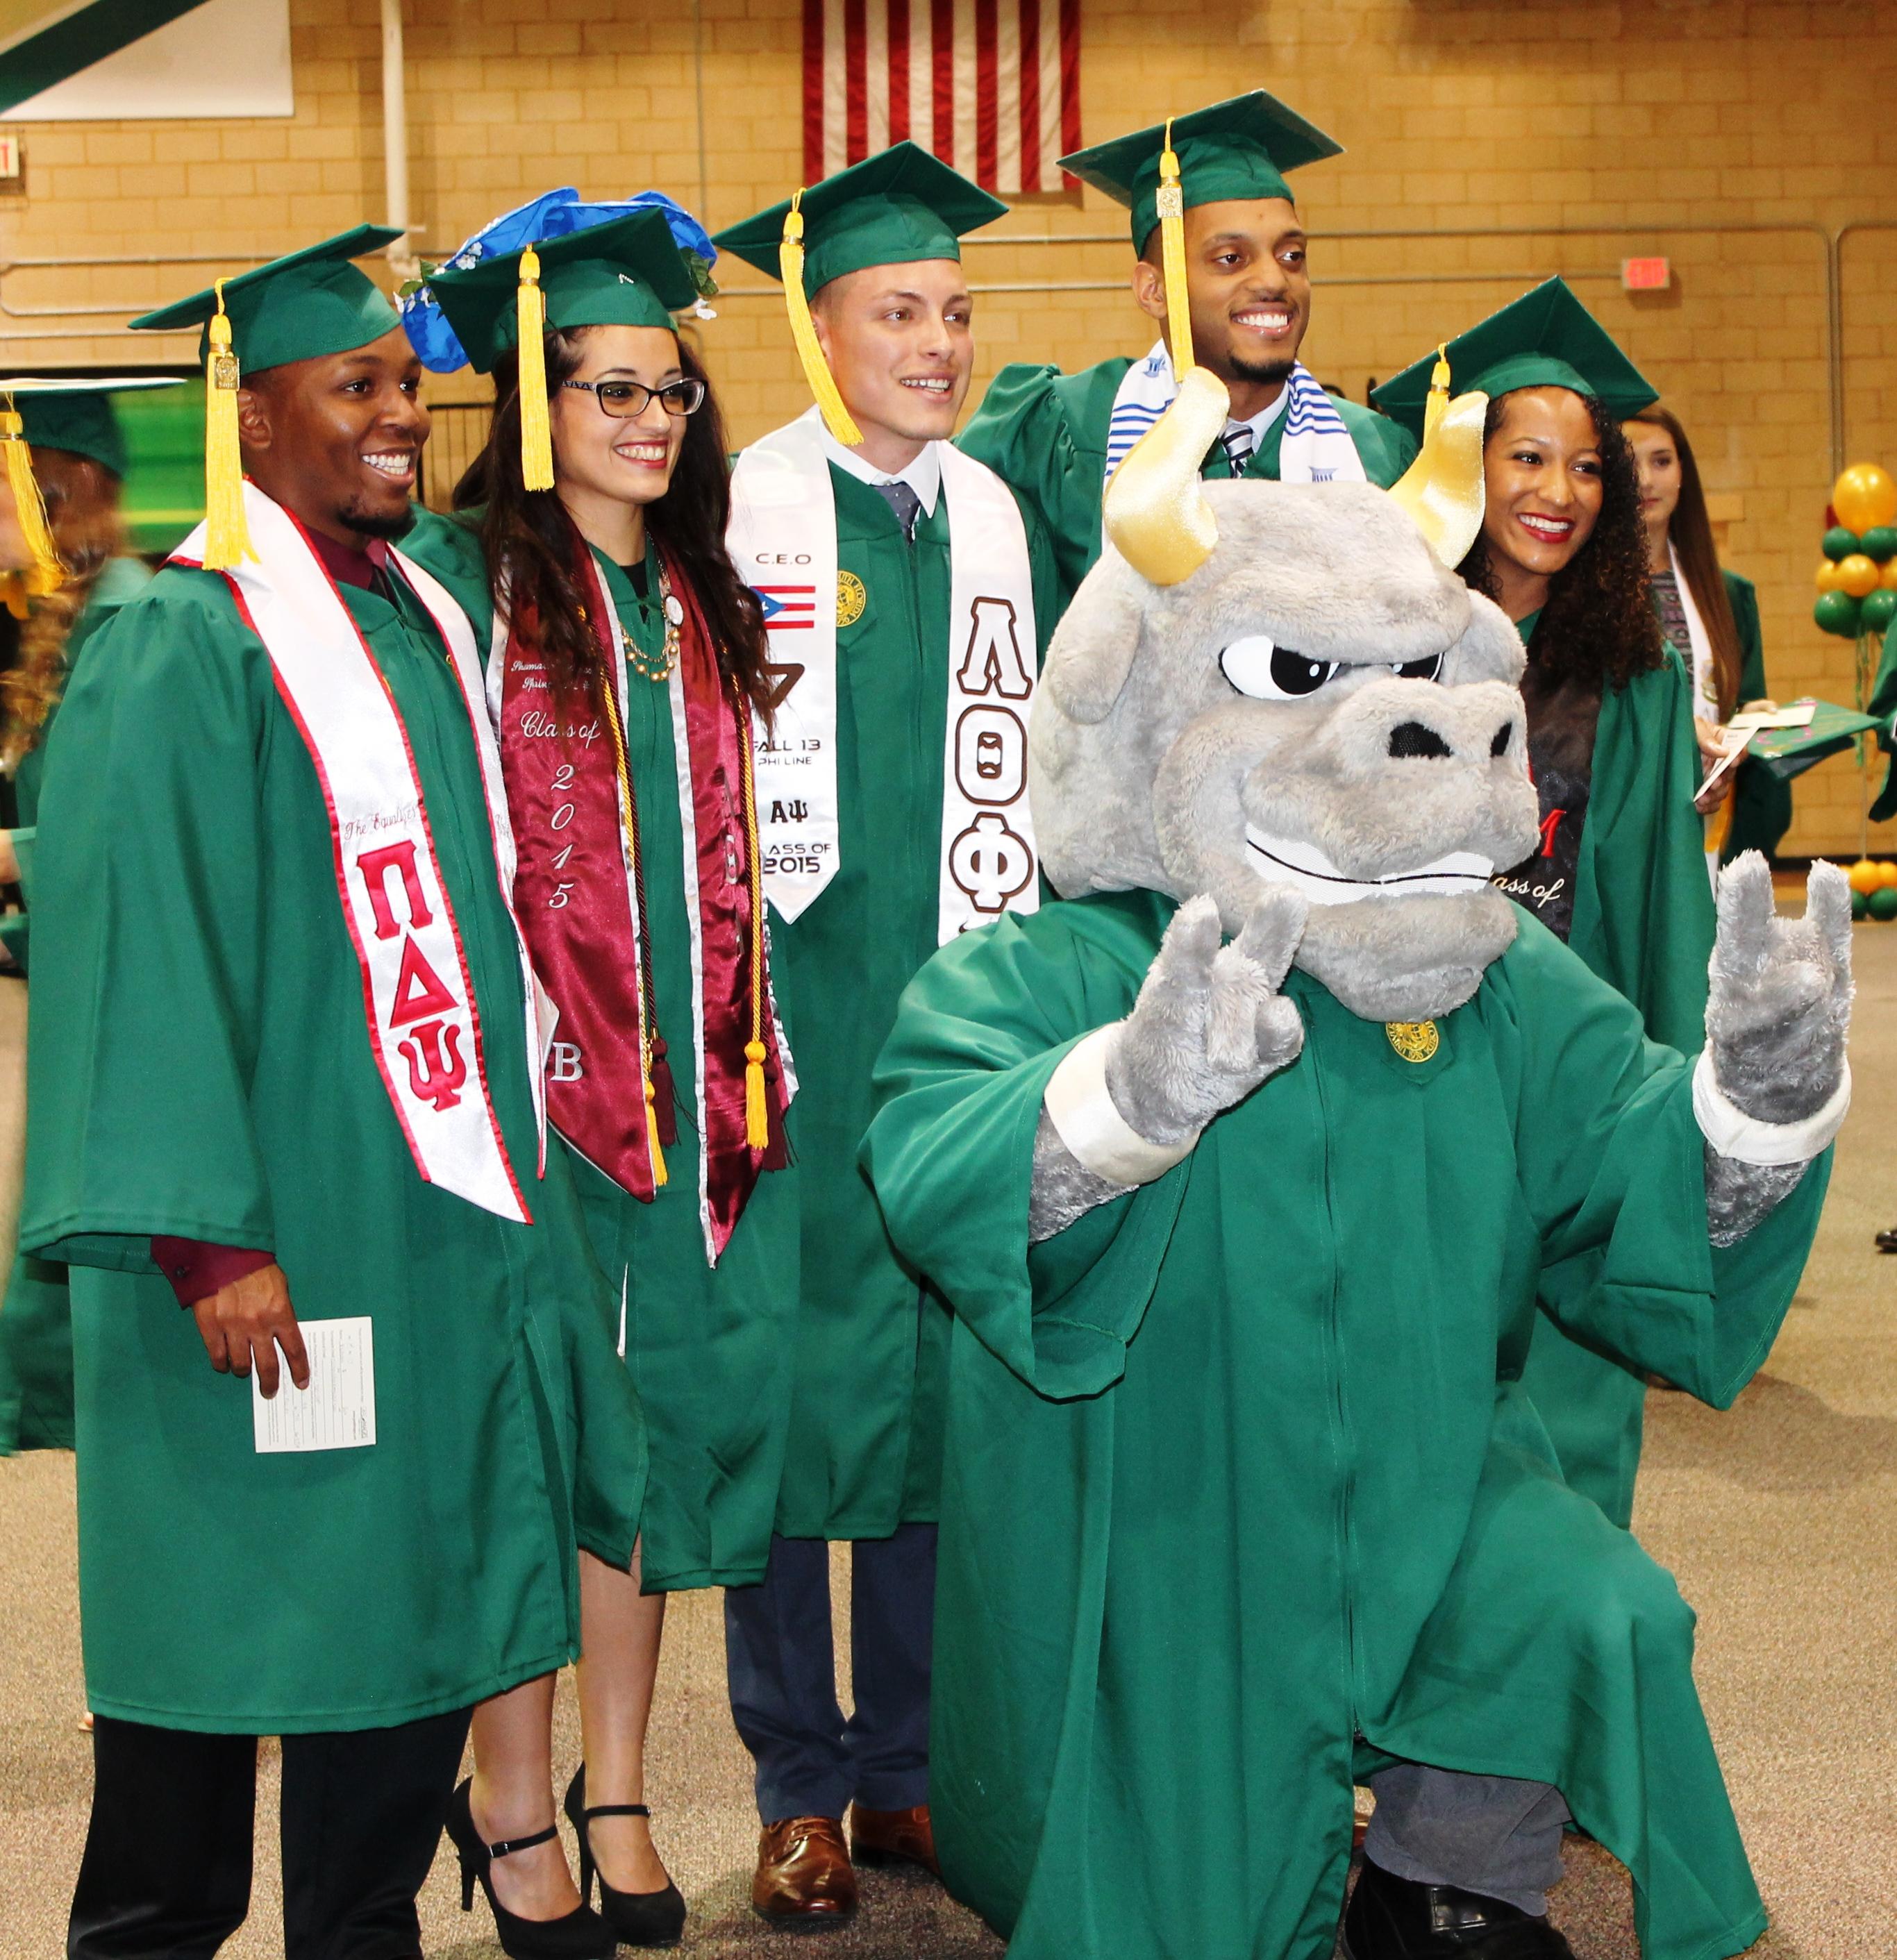 USF Alumni - <b>3 Days, 4,145 Degrees, Infinite Possibilities</b>